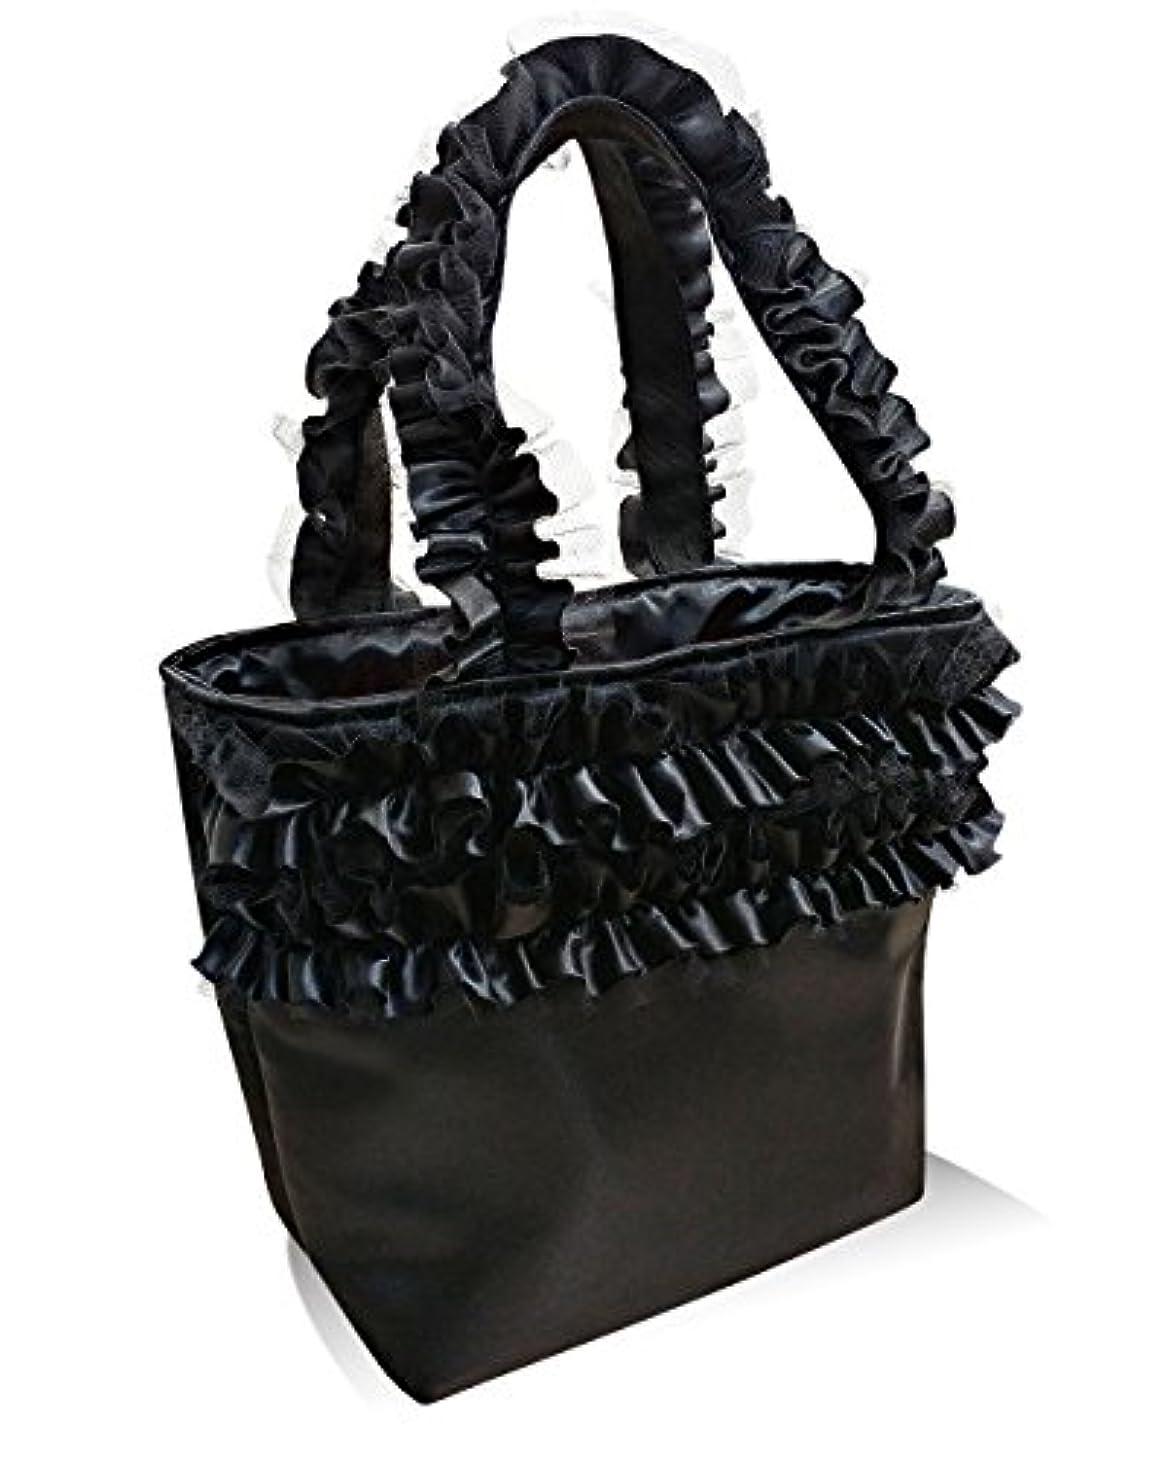 項目売り手校長トートバッグ 通勤バッグ 通学バッグ レディースバッグ フリルハンドルバッグ バッグ おしゃれトート 日本製 ジュリエットトートバッグ